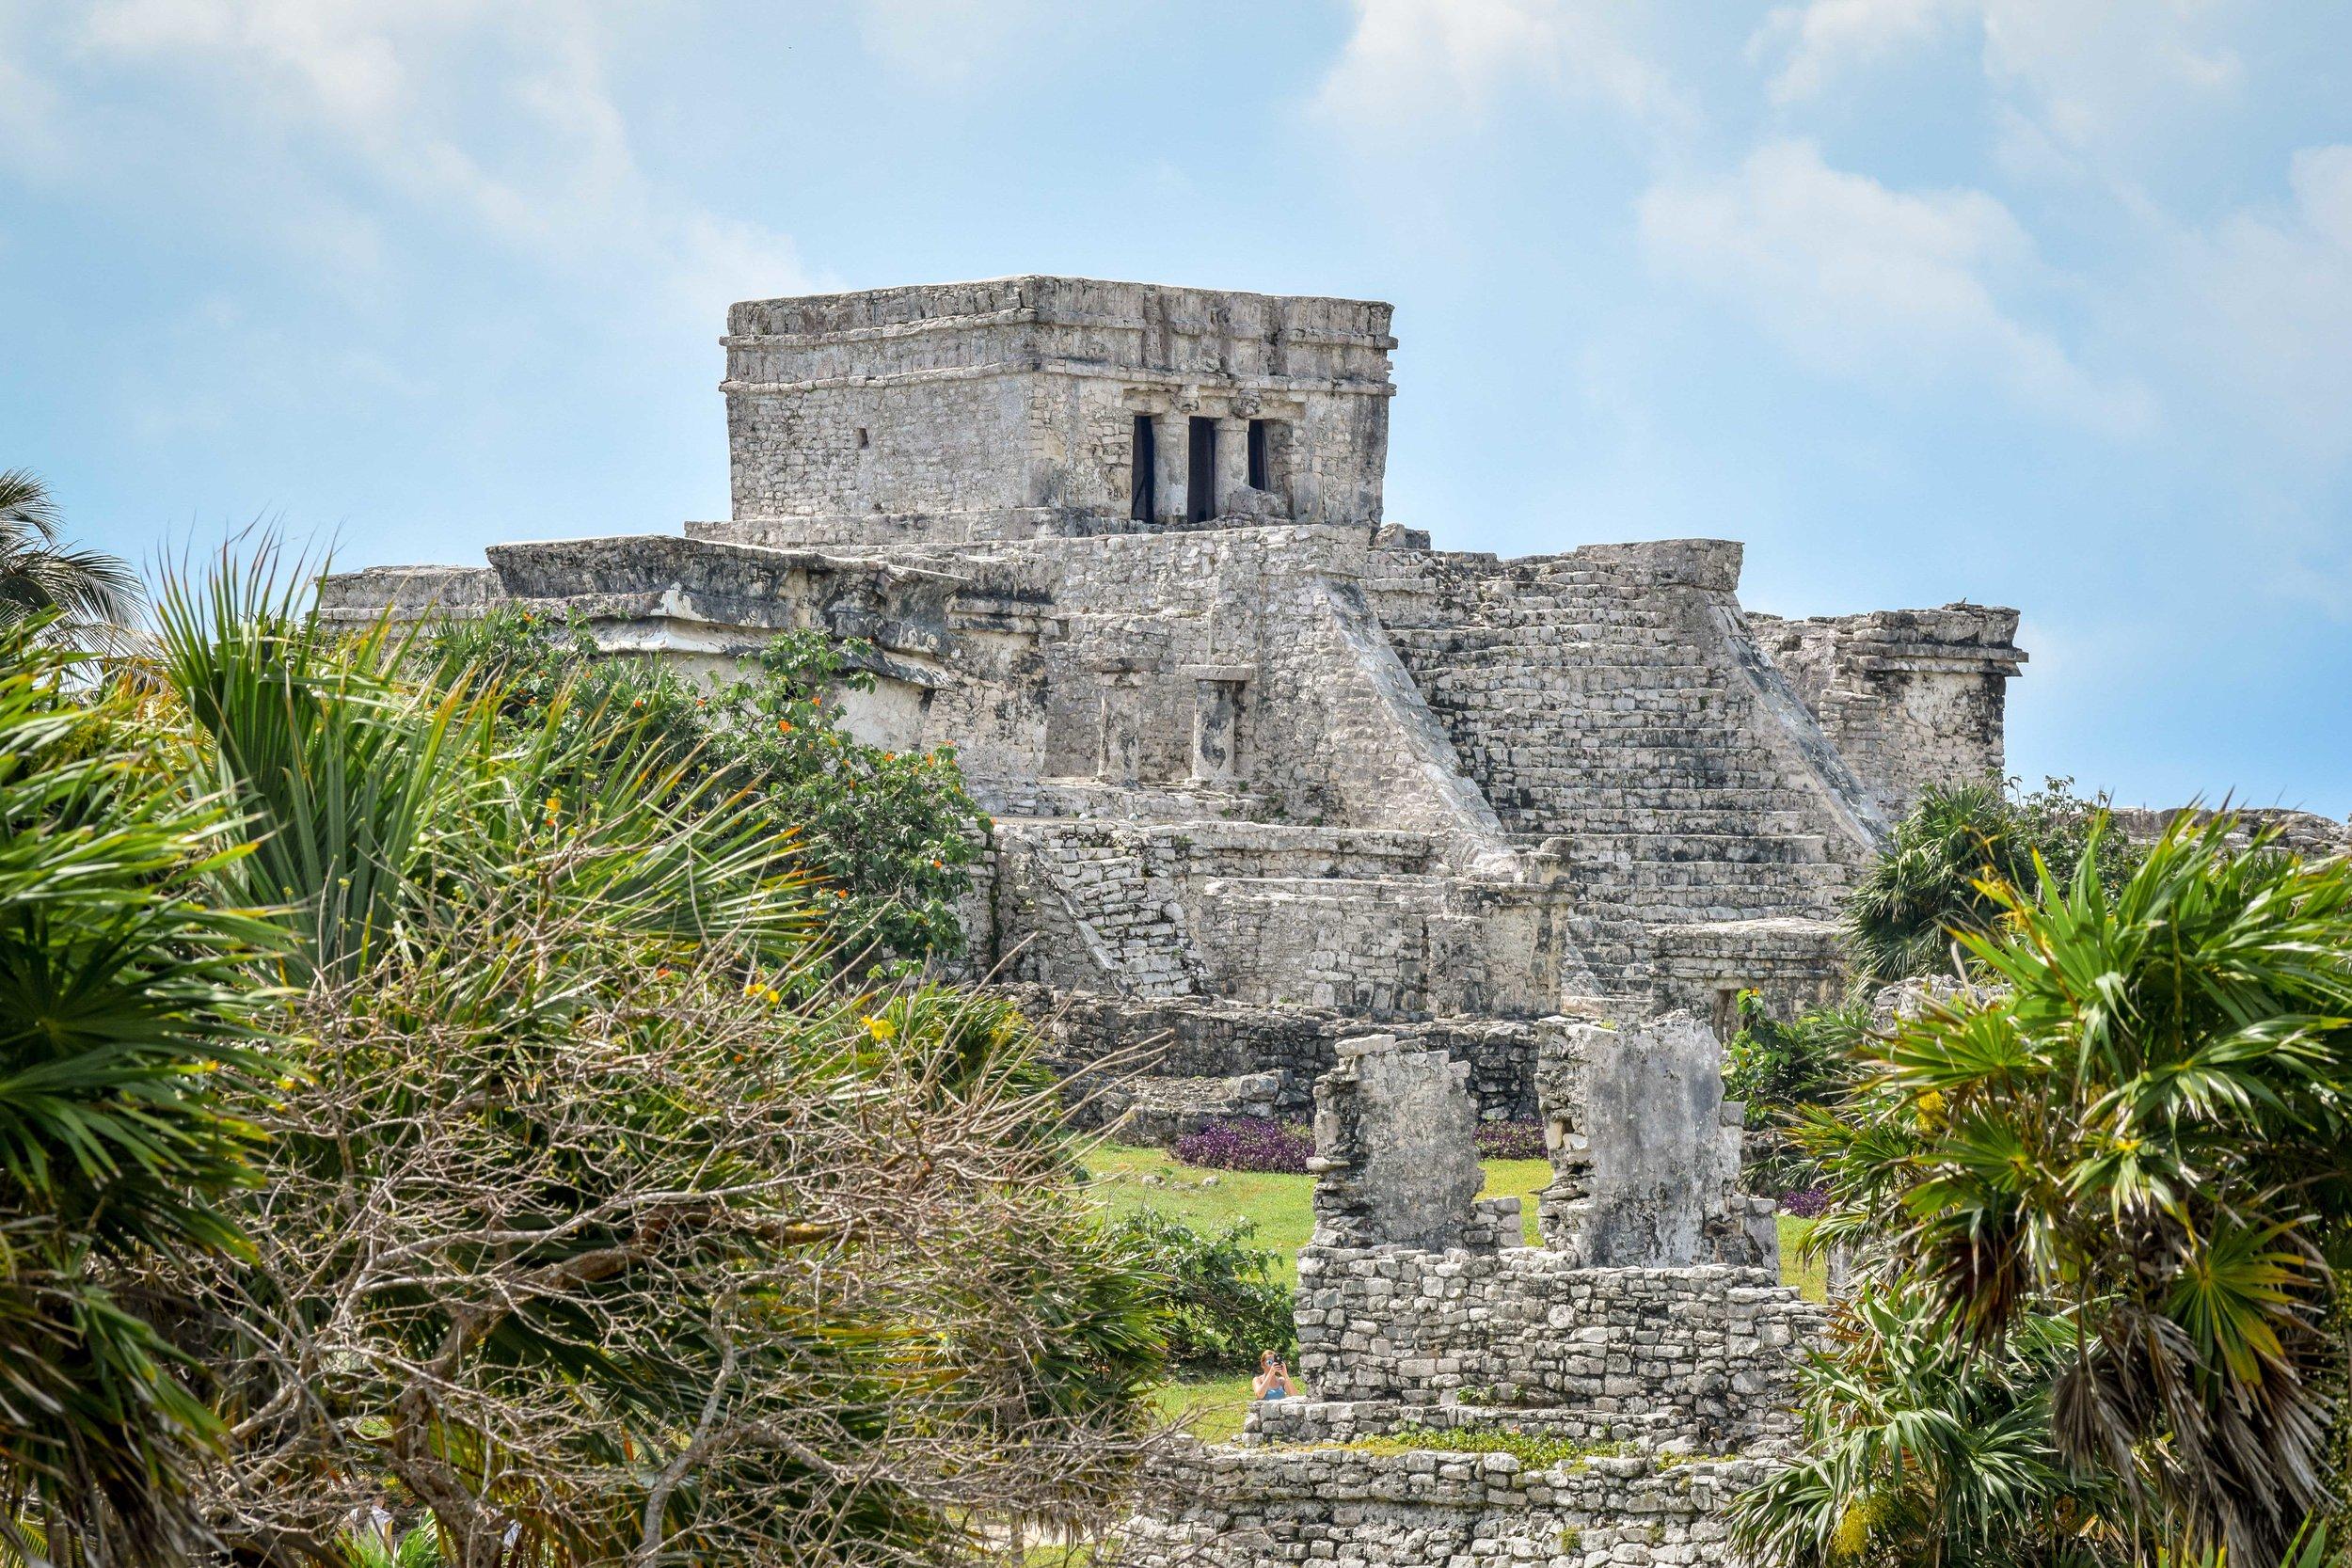 El Castillo in Tulum